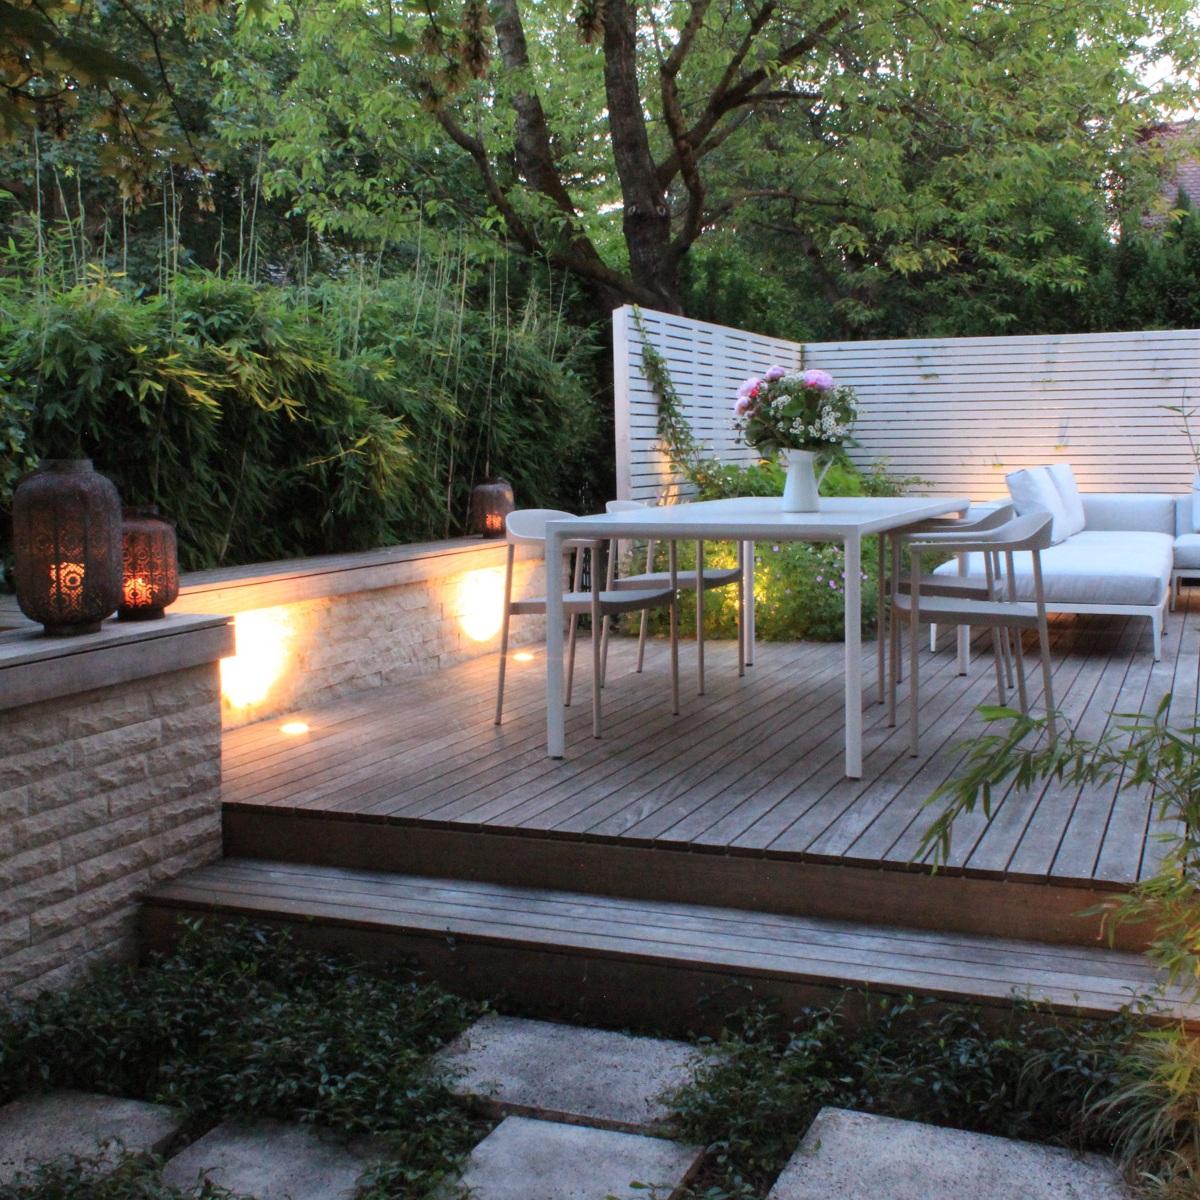 Auf der Natursteinmauer aus Travertin ist eine Sitzbank aus Ipé angelegt.